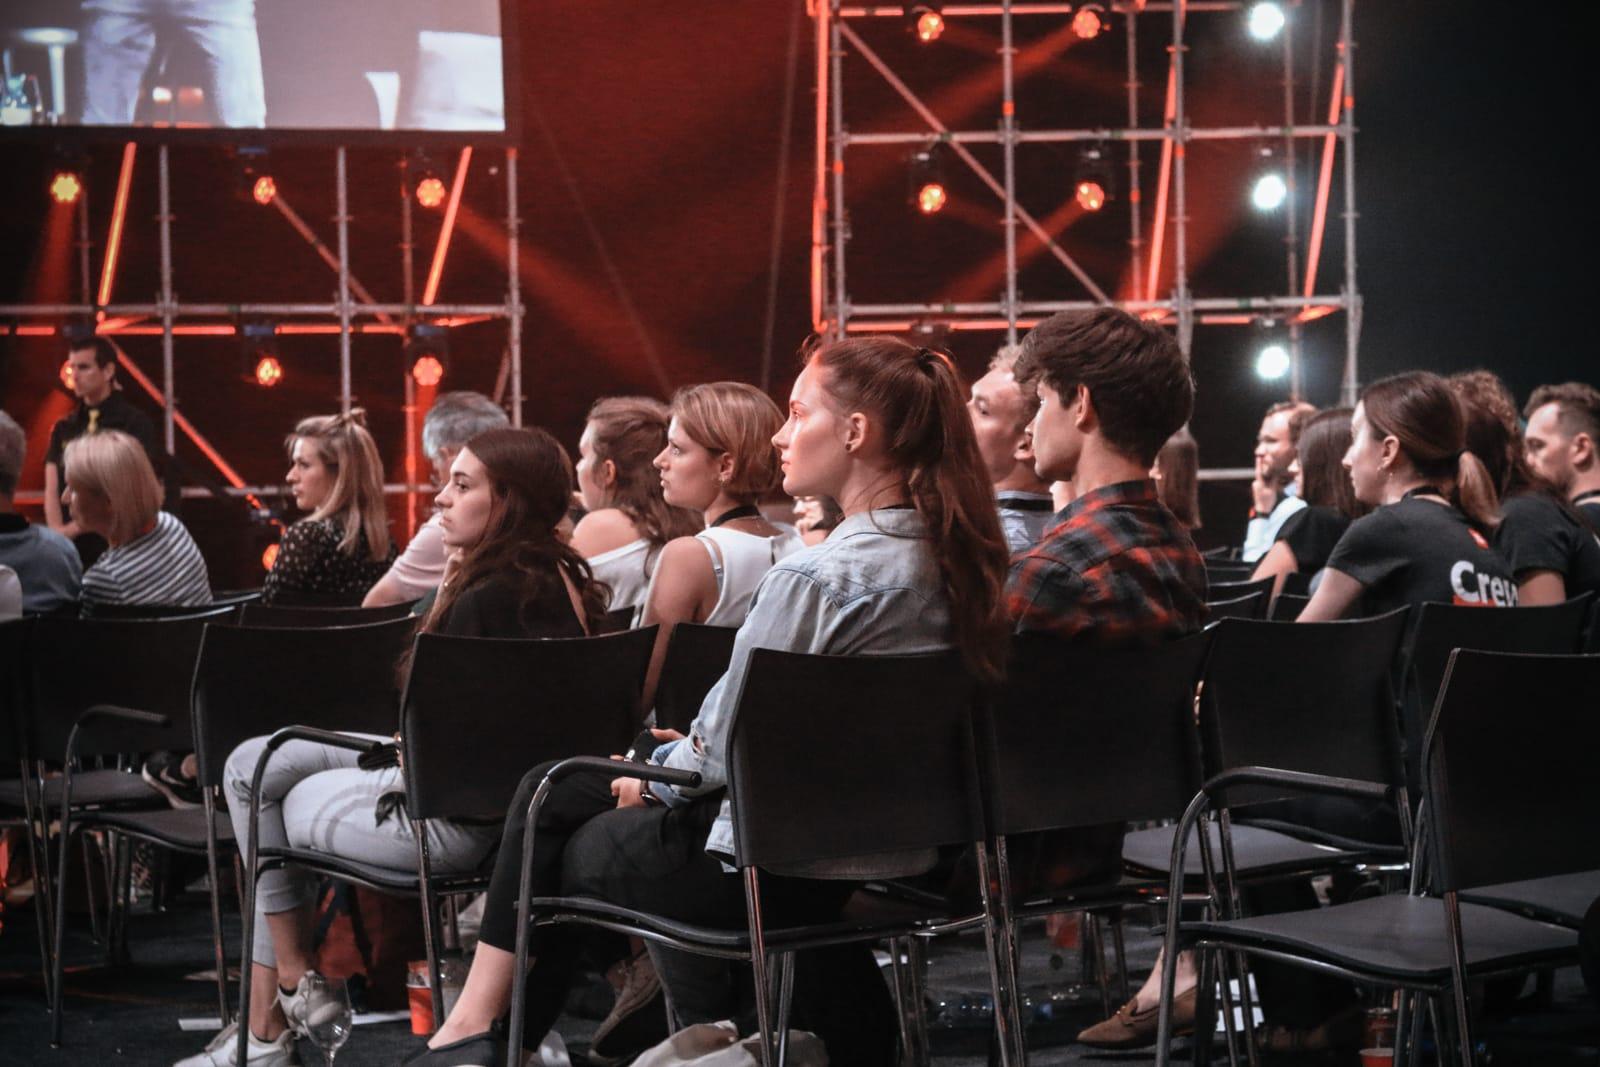 Fifteen_Seconds_audience.jpg